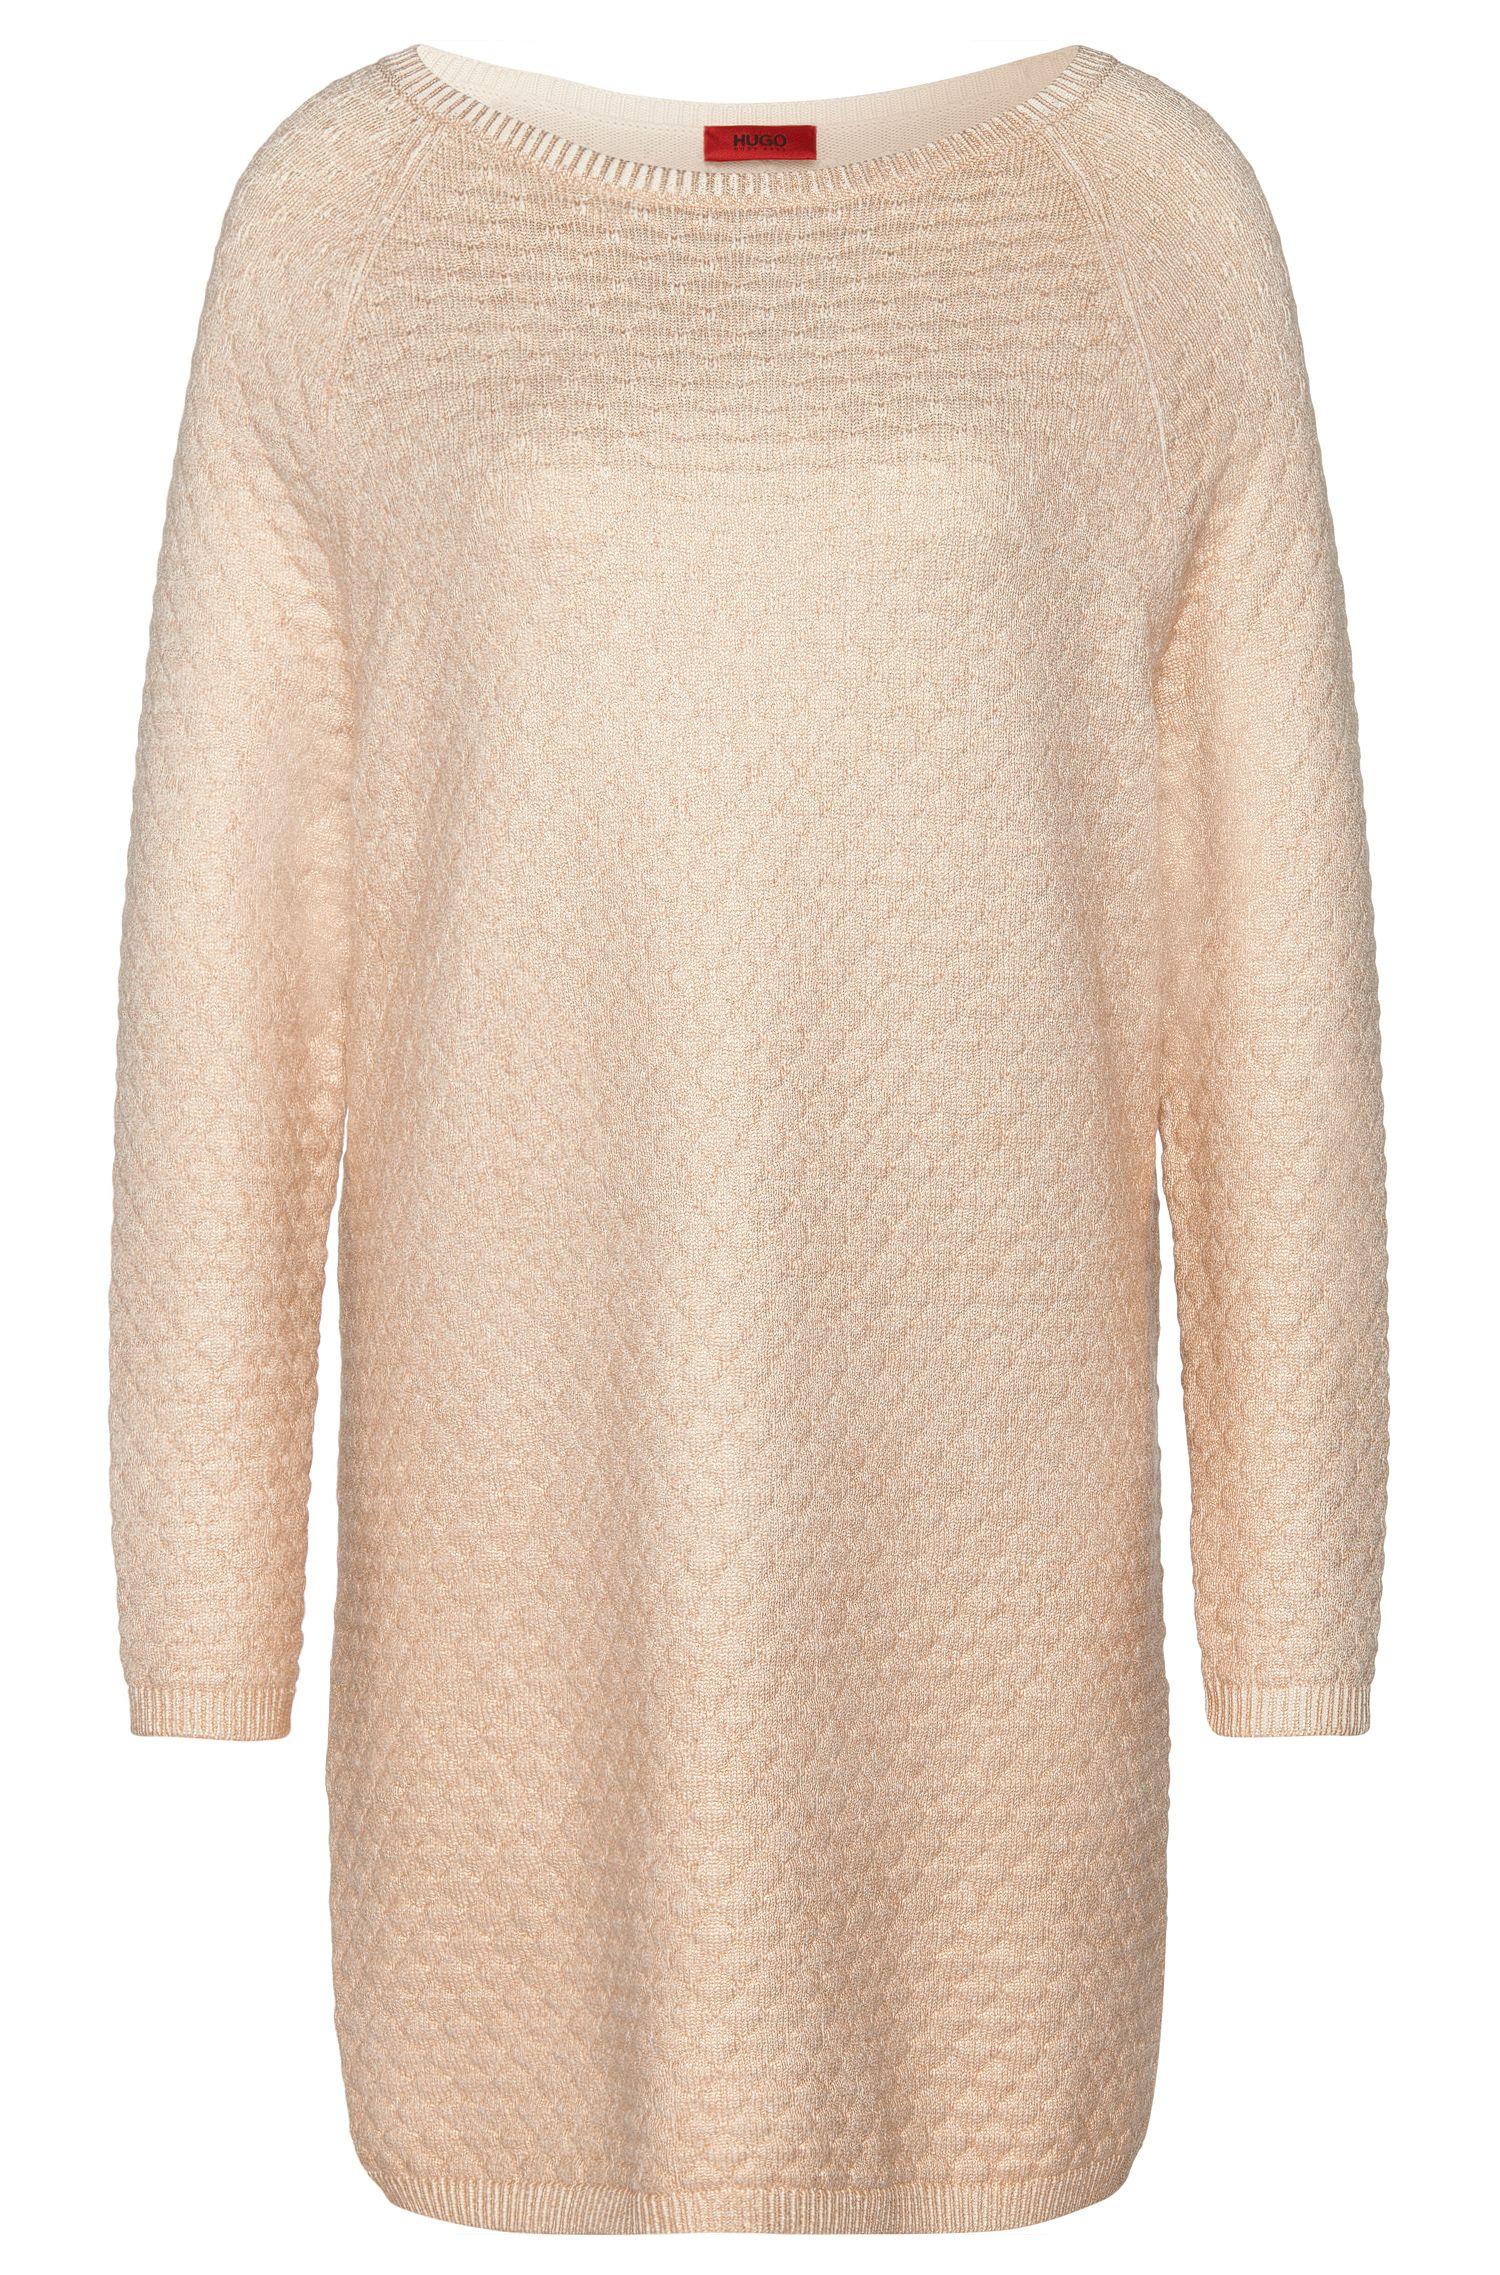 Langer Pullover aus Baumwoll-Mix mit Viskose und Seide: 'Saskiara'